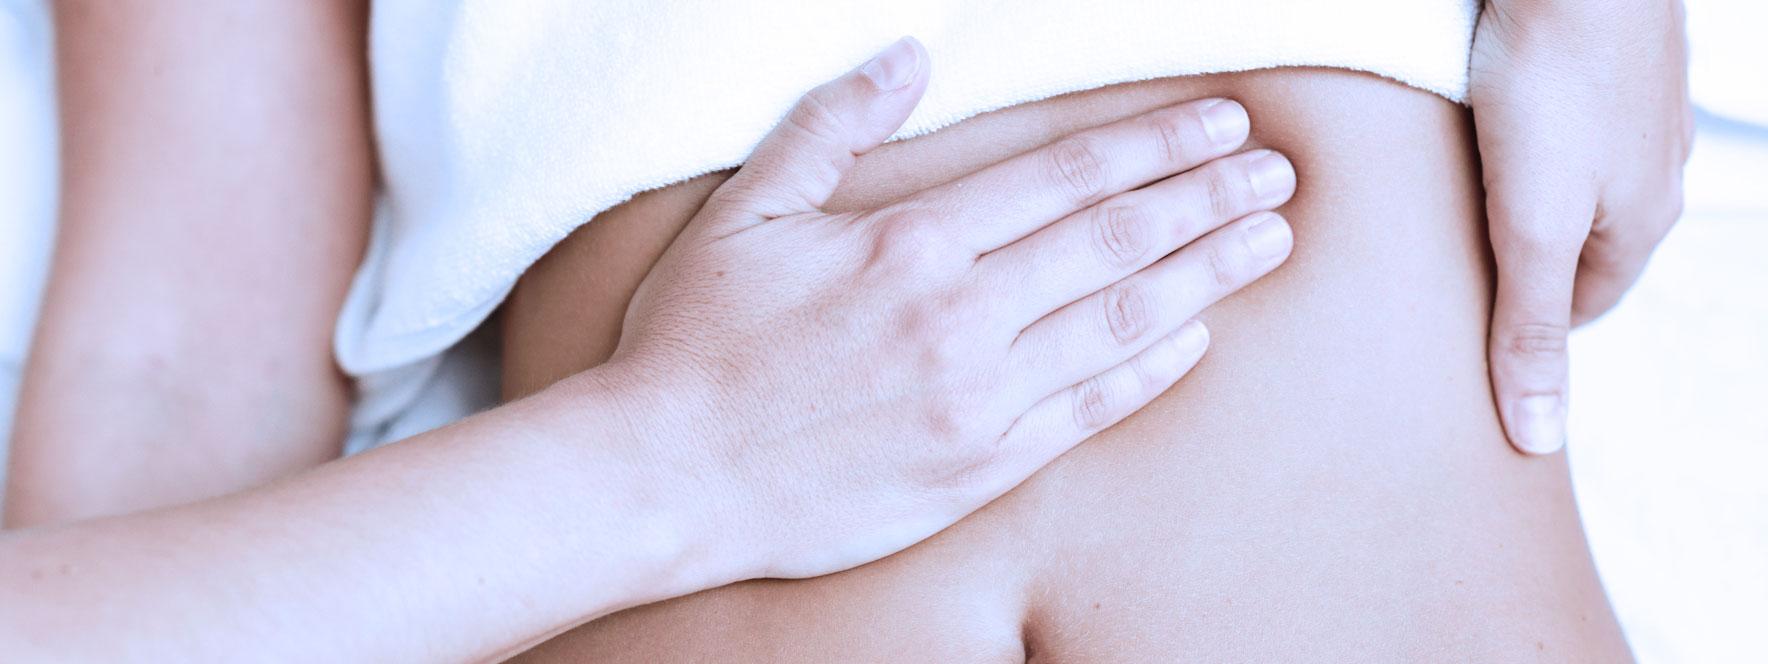 La massothérapie pour mieux vivre avec l'asthme - Blogue du Réseau